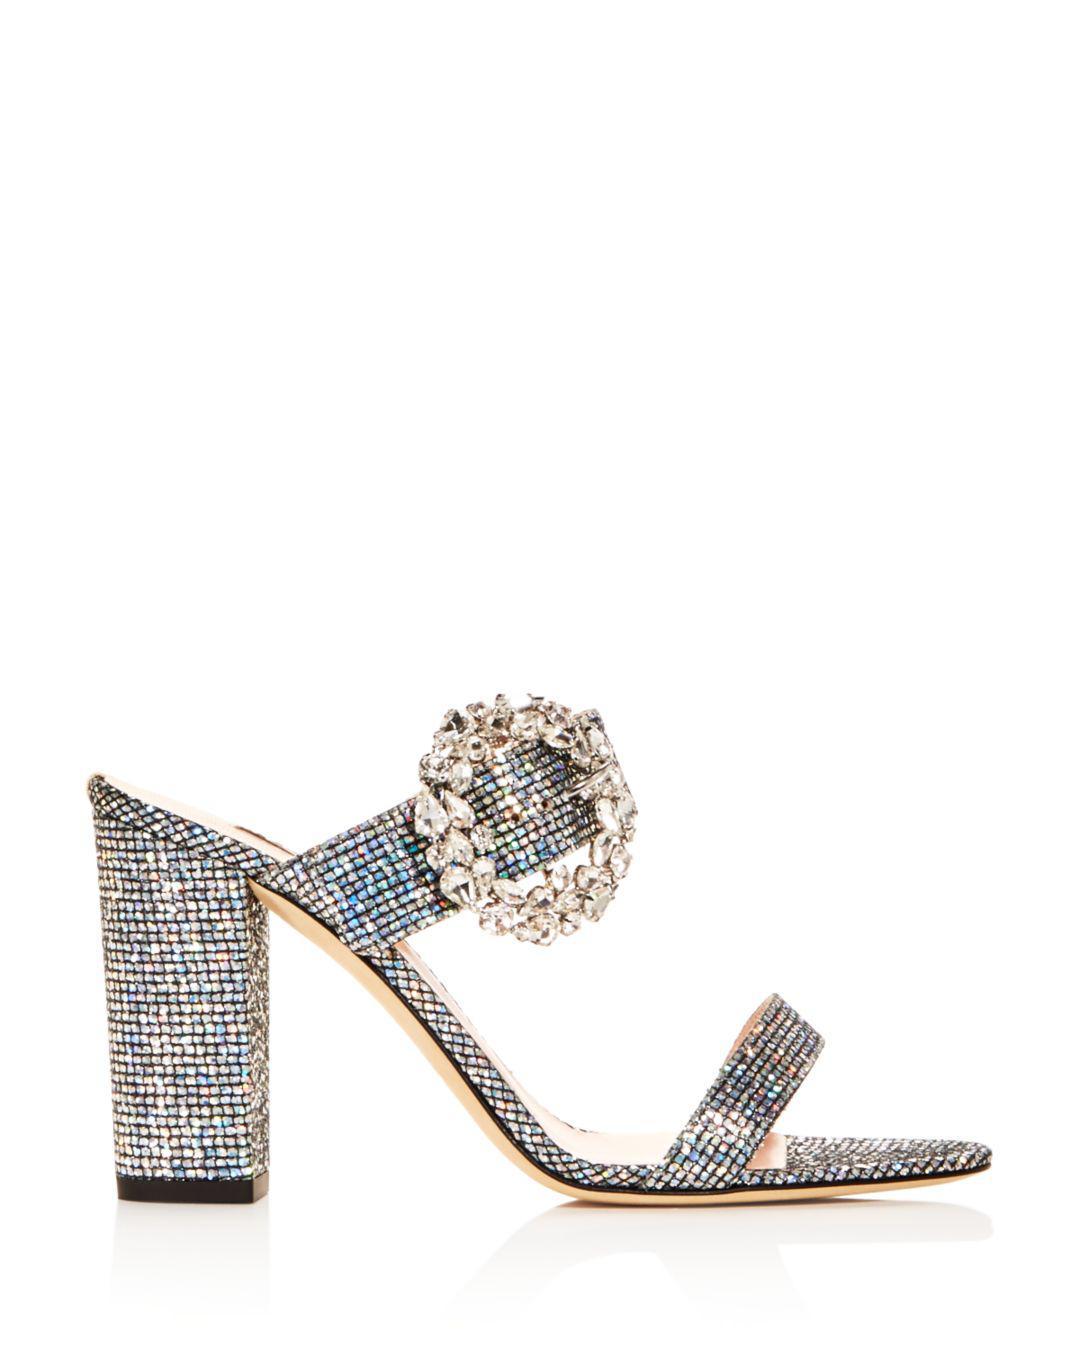 af7af6cc478 Lyst - SJP by Sarah Jessica Parker Women s Celia High Block-heel Slide  Sandals in Metallic